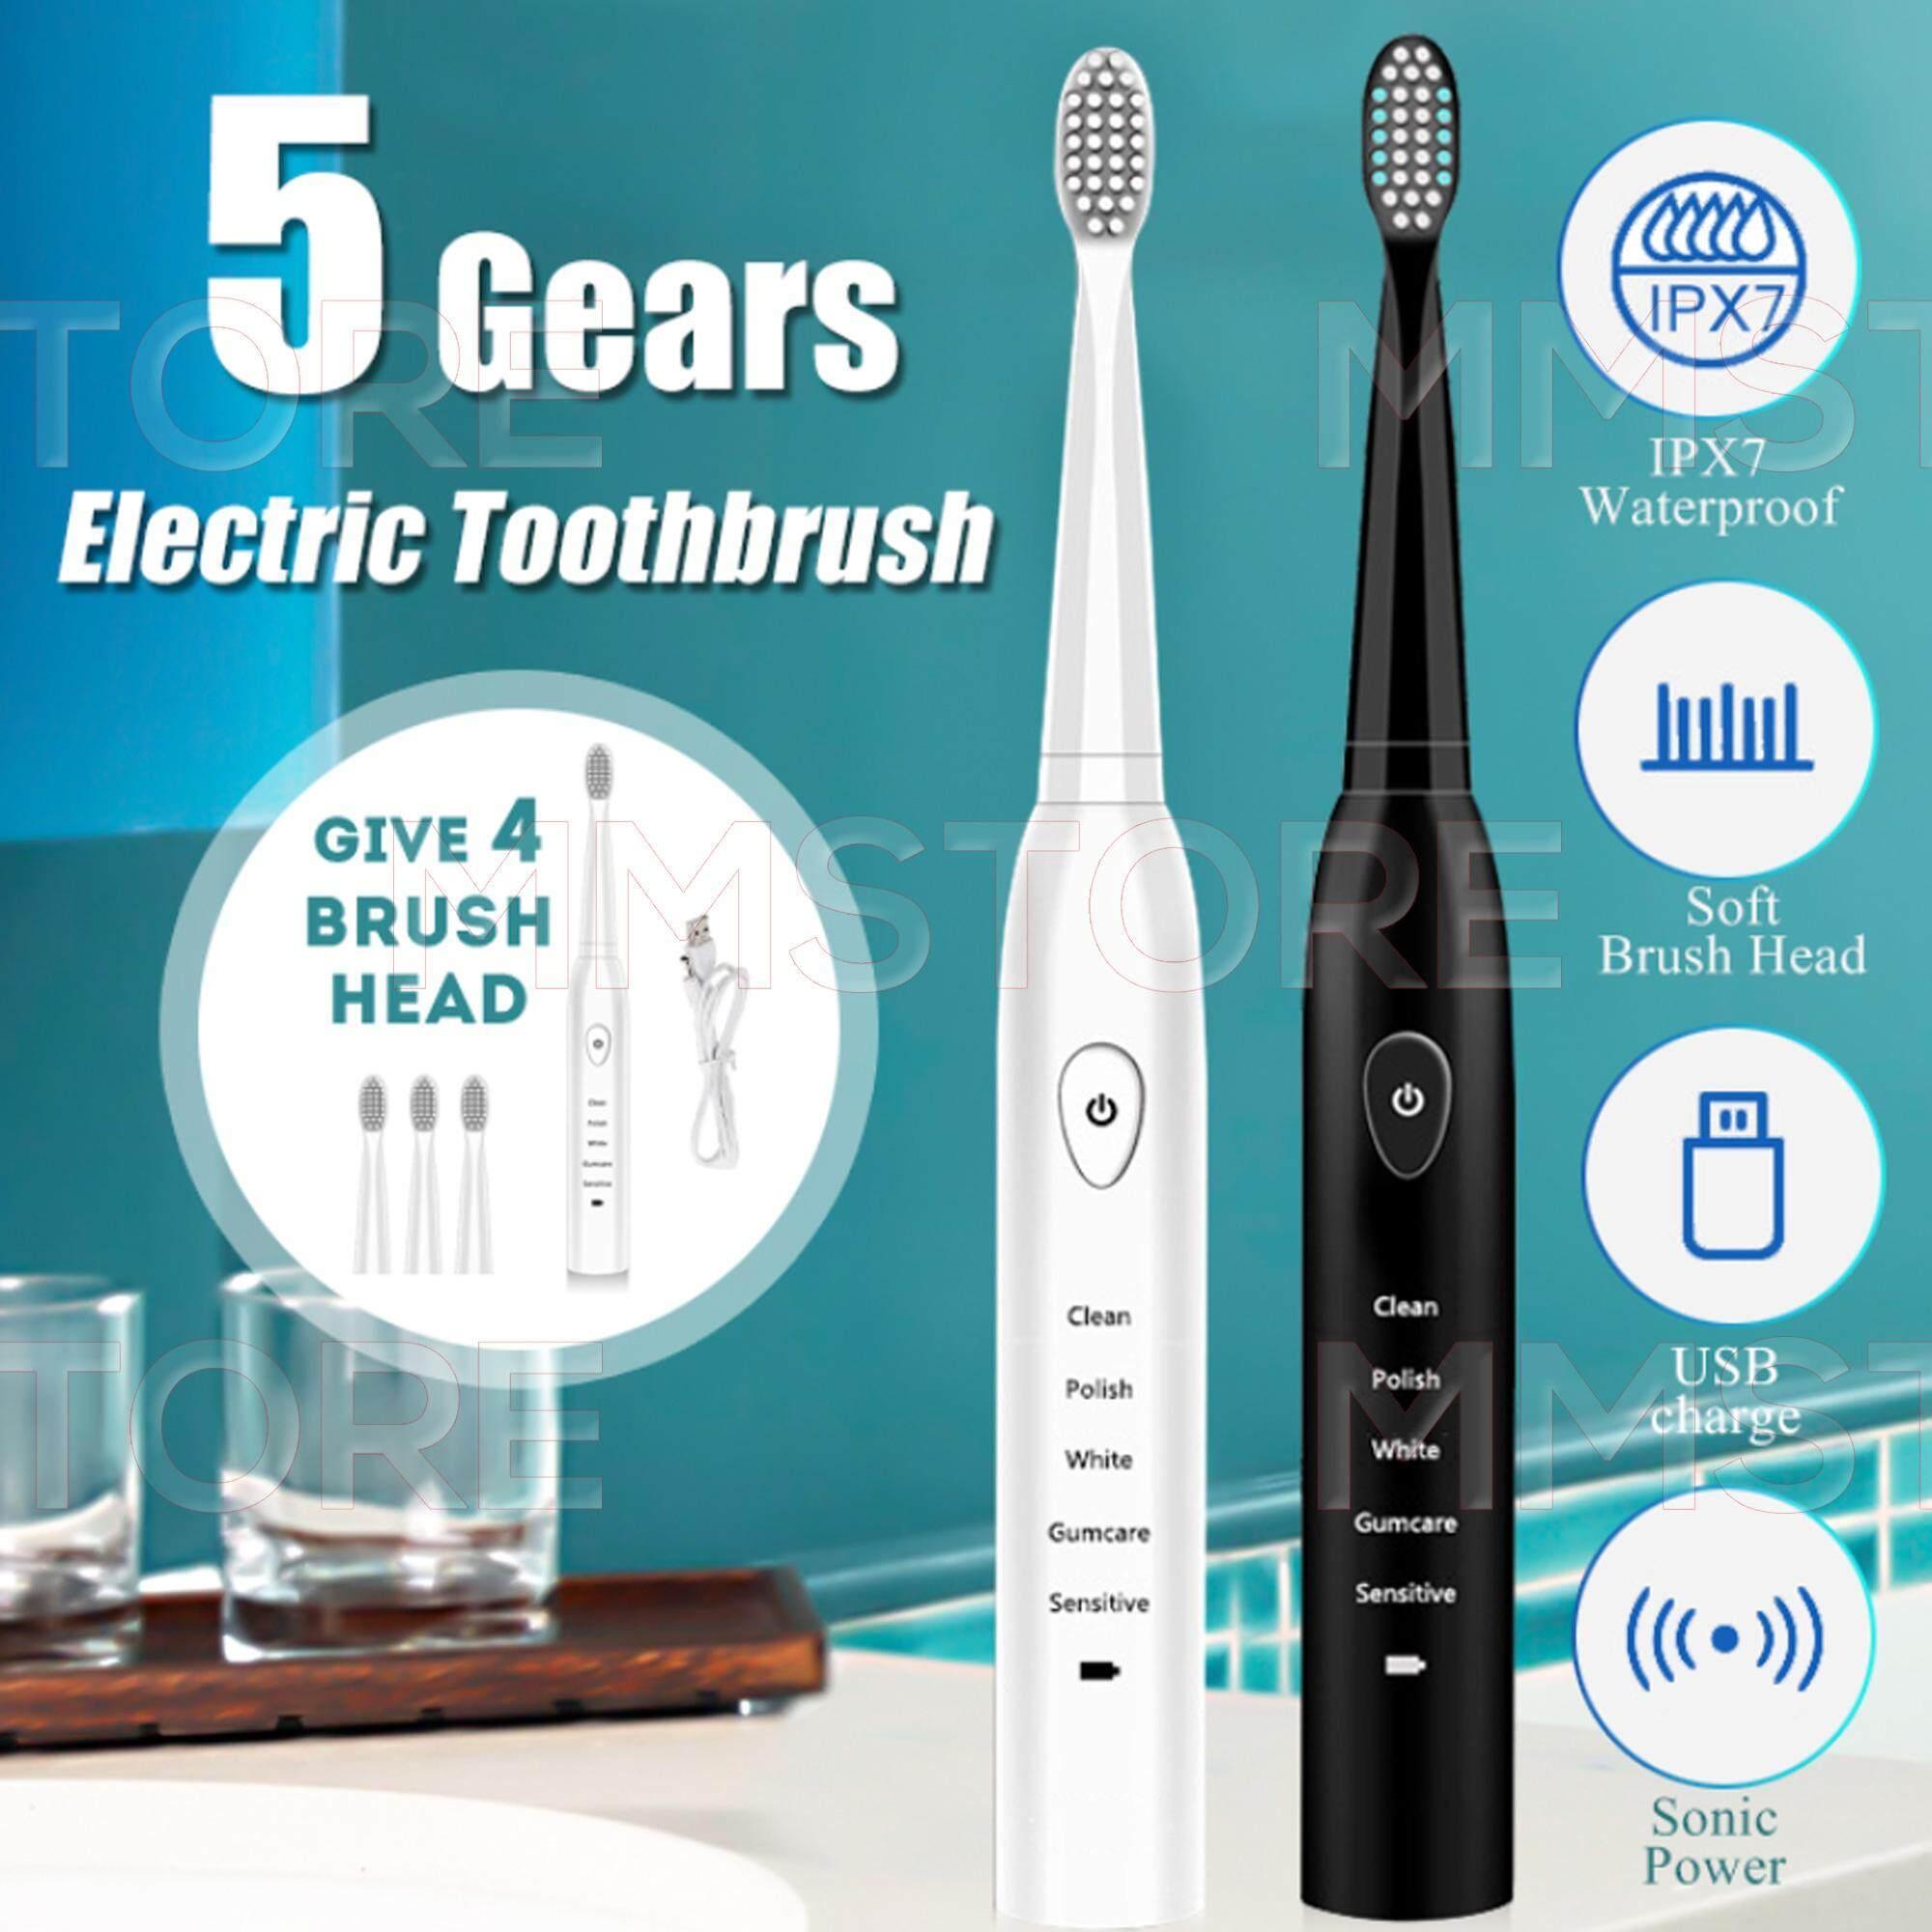 แปรงสีฟันไฟฟ้าเพื่อรอยยิ้มขาวสดใส อ่างทอง ETB5 แปรงสีฟันไฟฟ้า 5 เกียร์ ฟรี 4 หัวแปลง ขนแปรงนุ่ม ยืดหยุ่น กันน้ำได้ 100   พกพาสะดวก วัสดุ ฟู้ดเกรด ปลอดภัย ชาร์จได้ทุกที่มี USB น้ำหนักเบา ดีไซน์ทันสมัย เสียงเงียบ 5 Gears Electric Toothbrush Food Grade แปรง รอยลึก ทำความสะอาดคราบฟันครบ